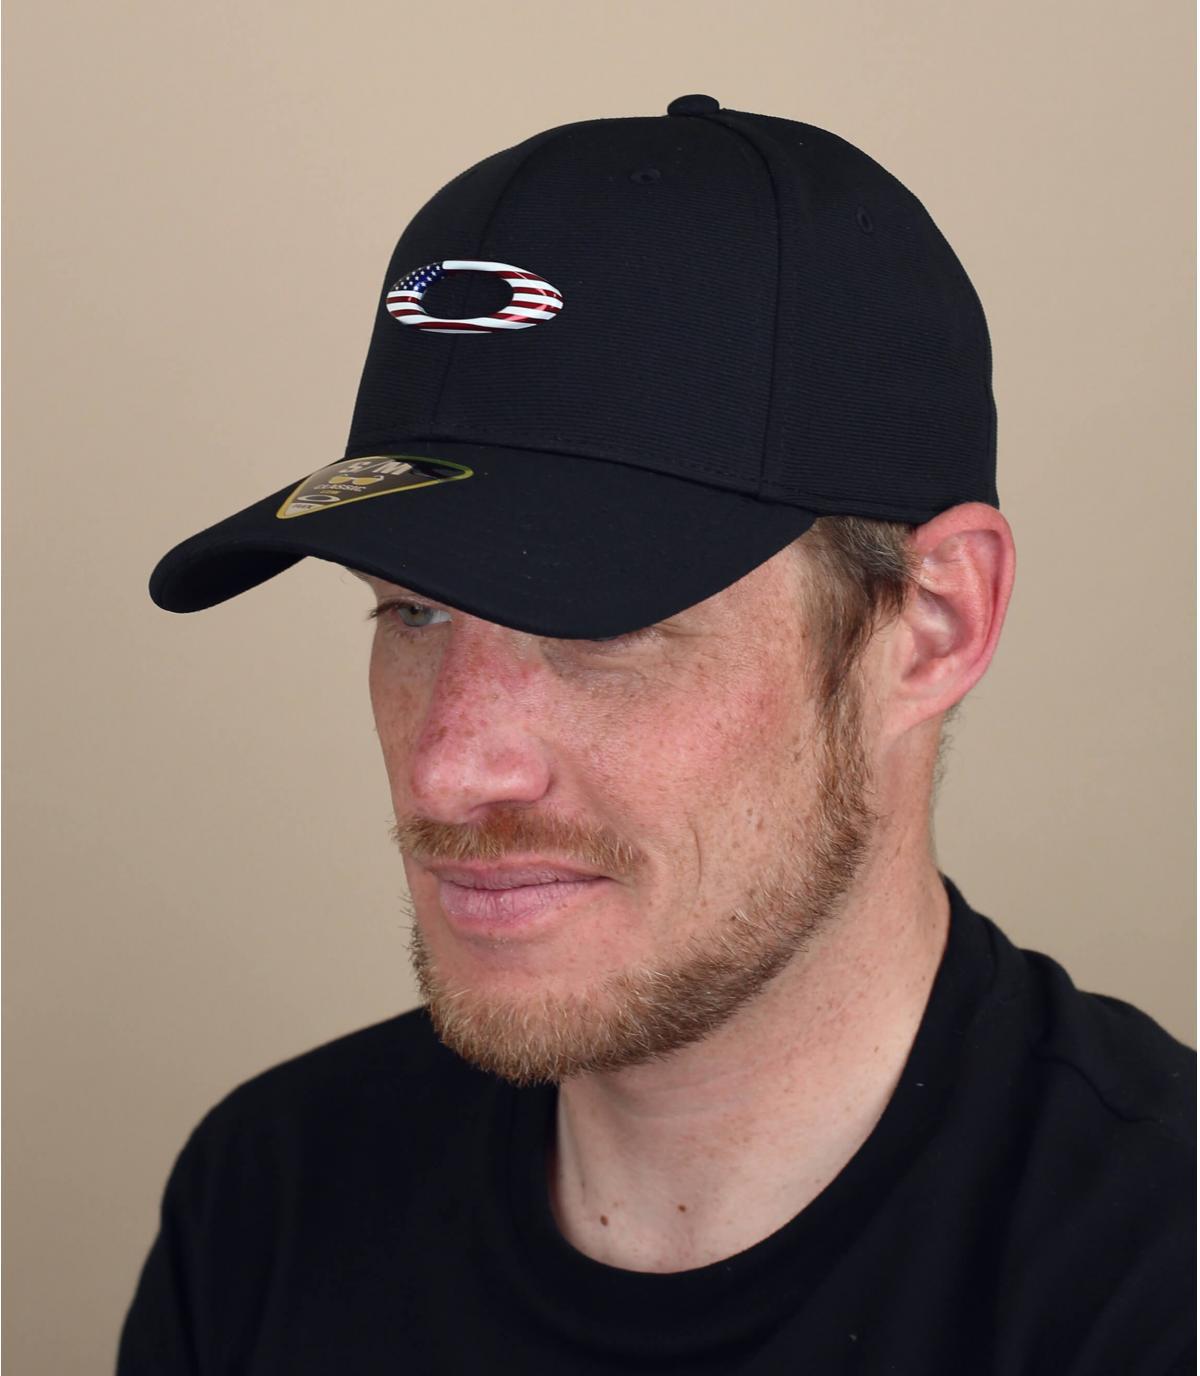 Cappellino con logo Oakley